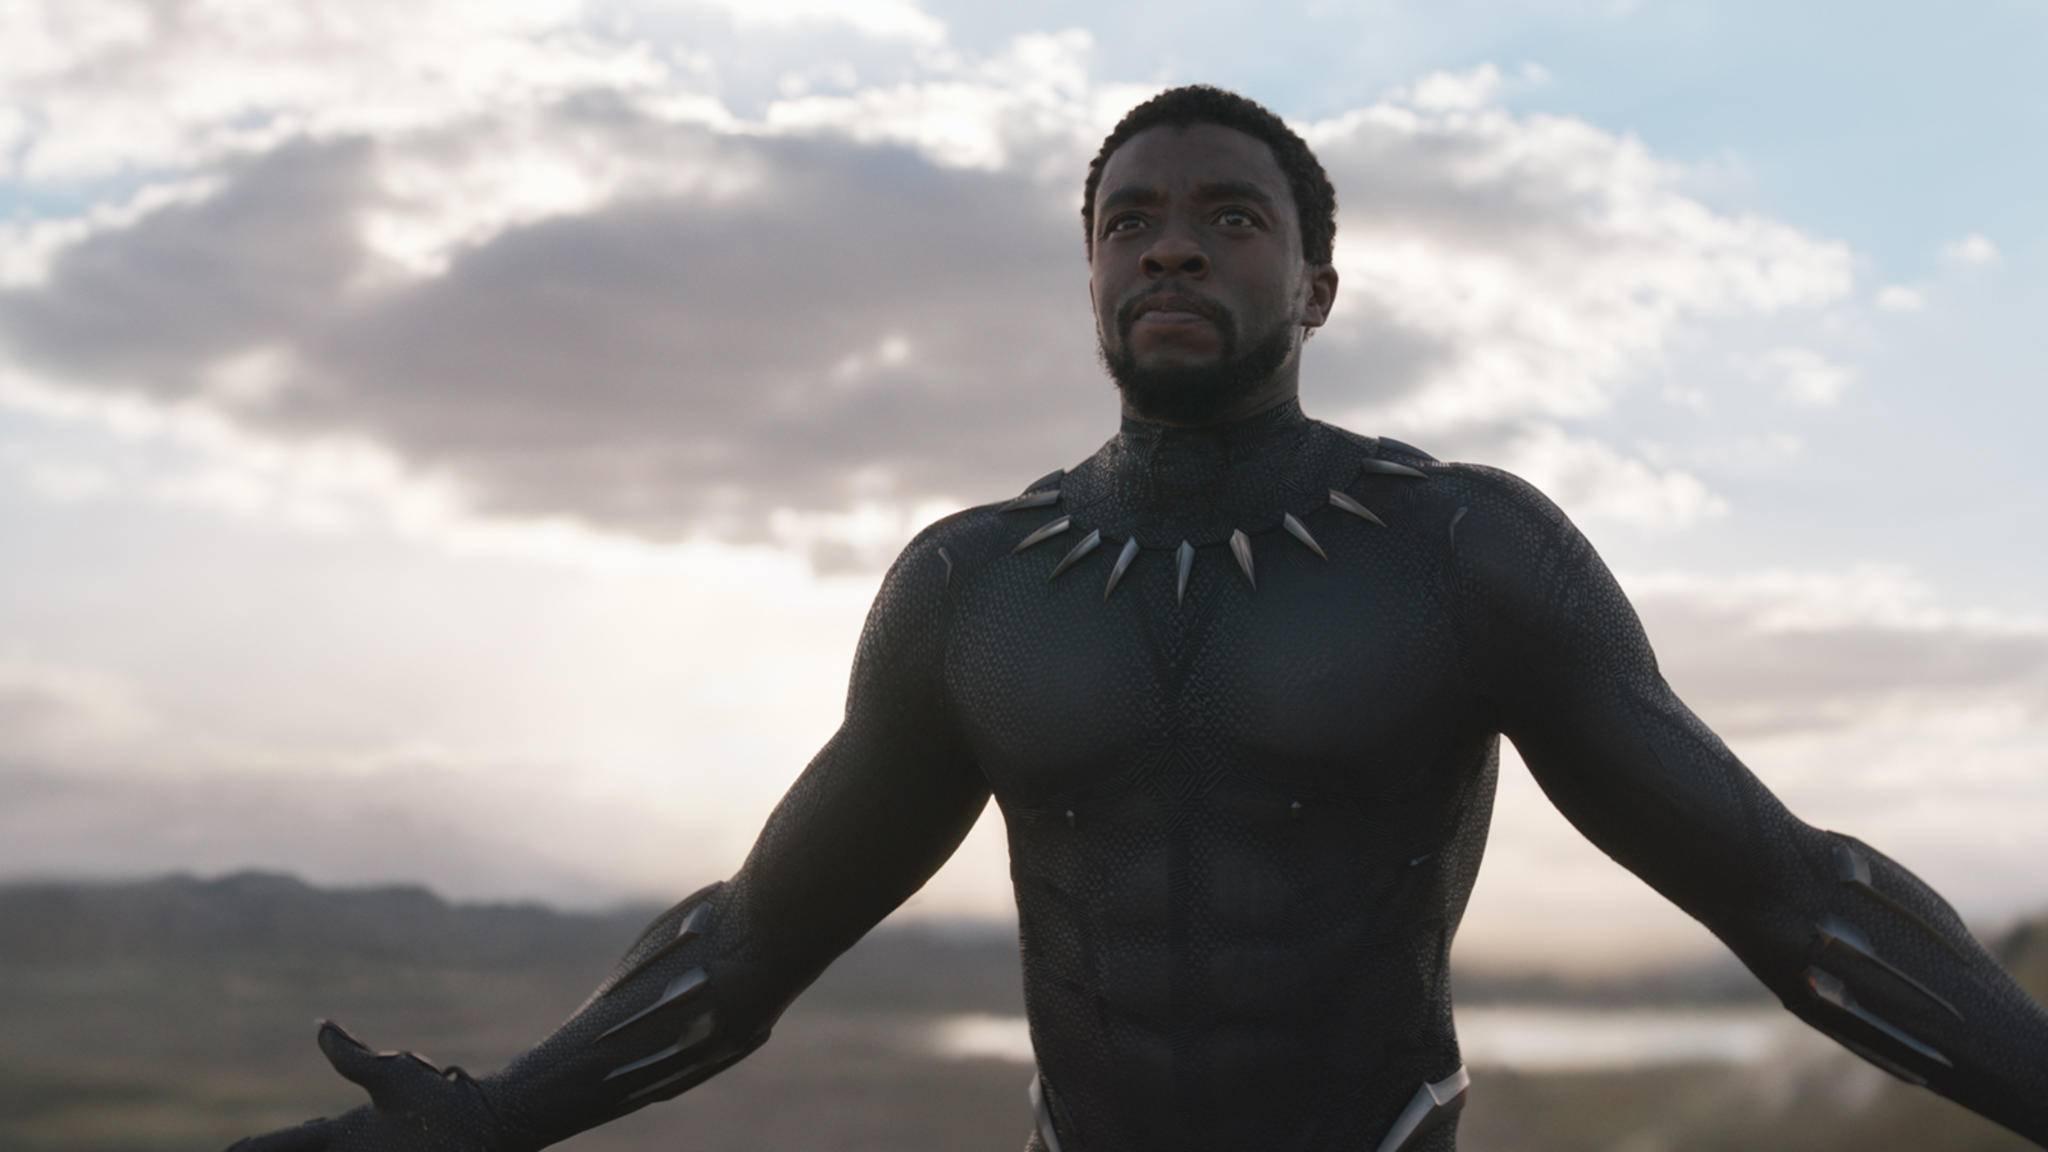 Dass Black Panther zum Hochadel gehört, zeigt auch sein Superheldenanzug.